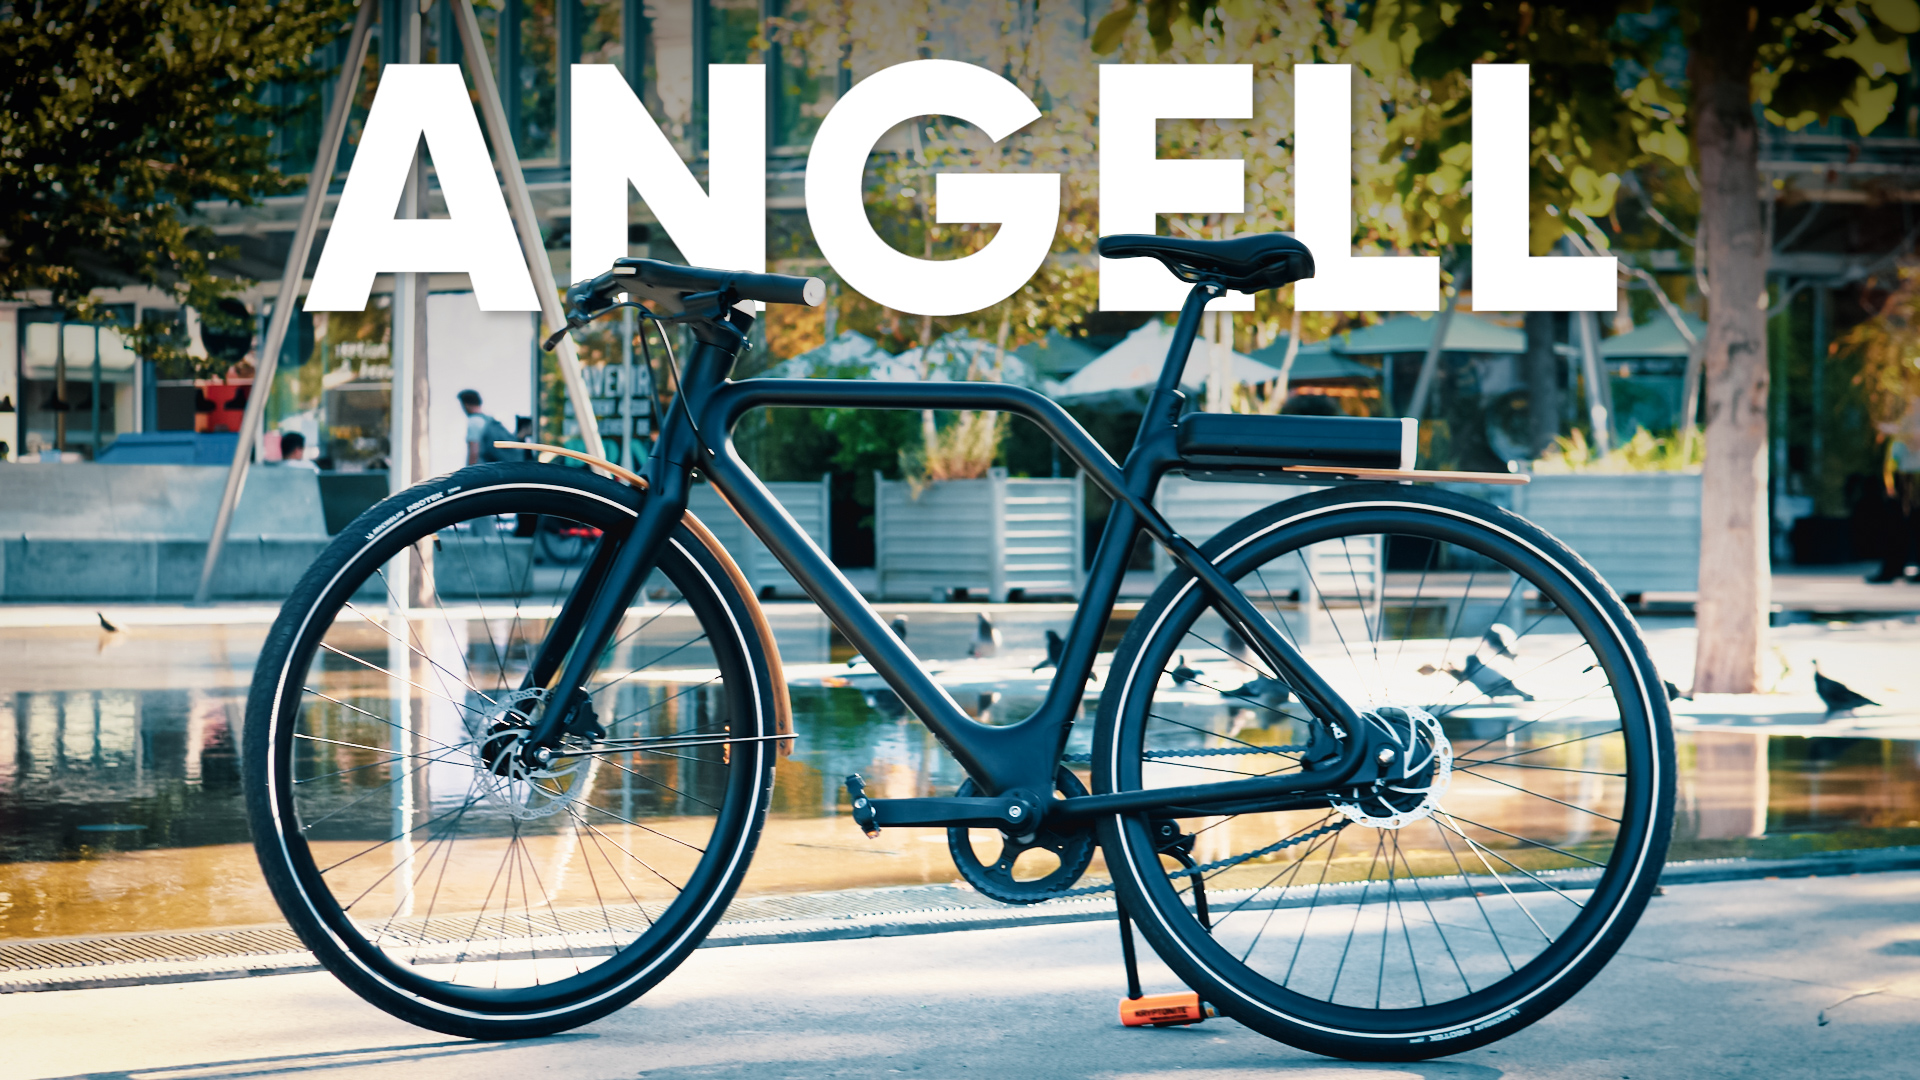 TEST du vélo ANGELL : 99 problèmes (et ce vélo en est un)